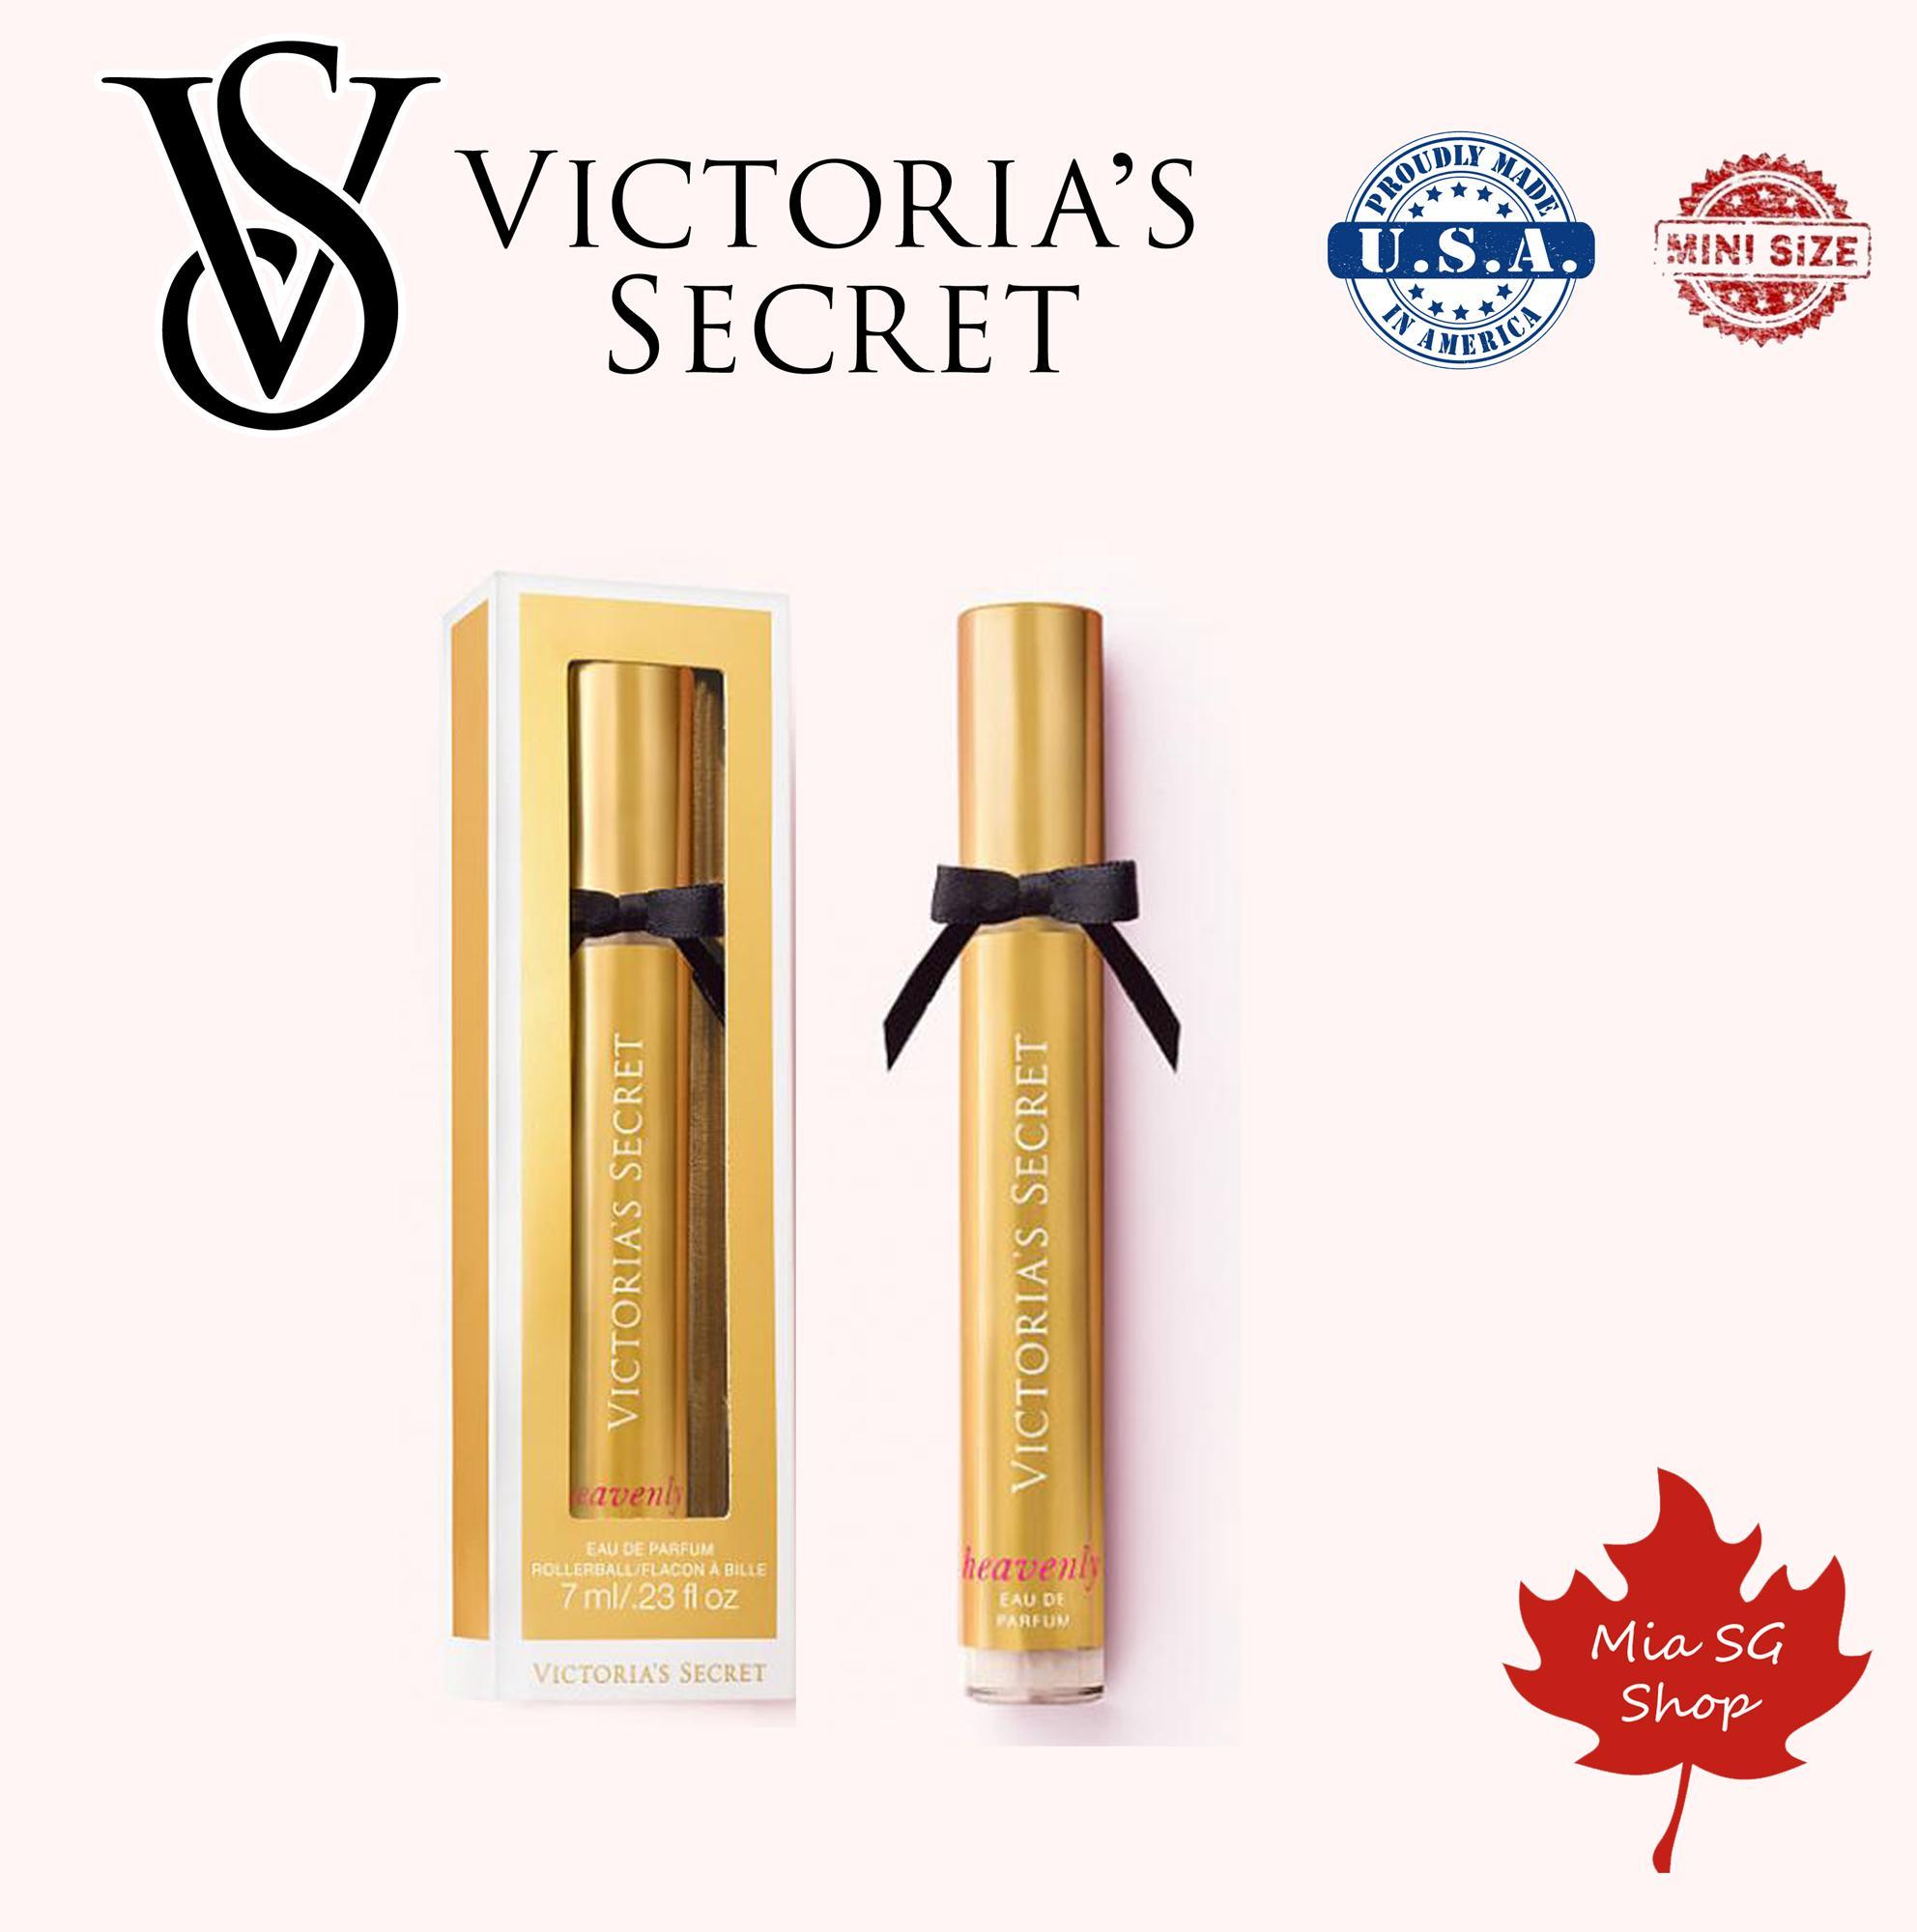 Nước hoa Victoria's Secret Heavenly 7ml (hàng chuẩn Auth, có hình chụp mã Code để kiểm tra hàng, giá gốc 18USD)